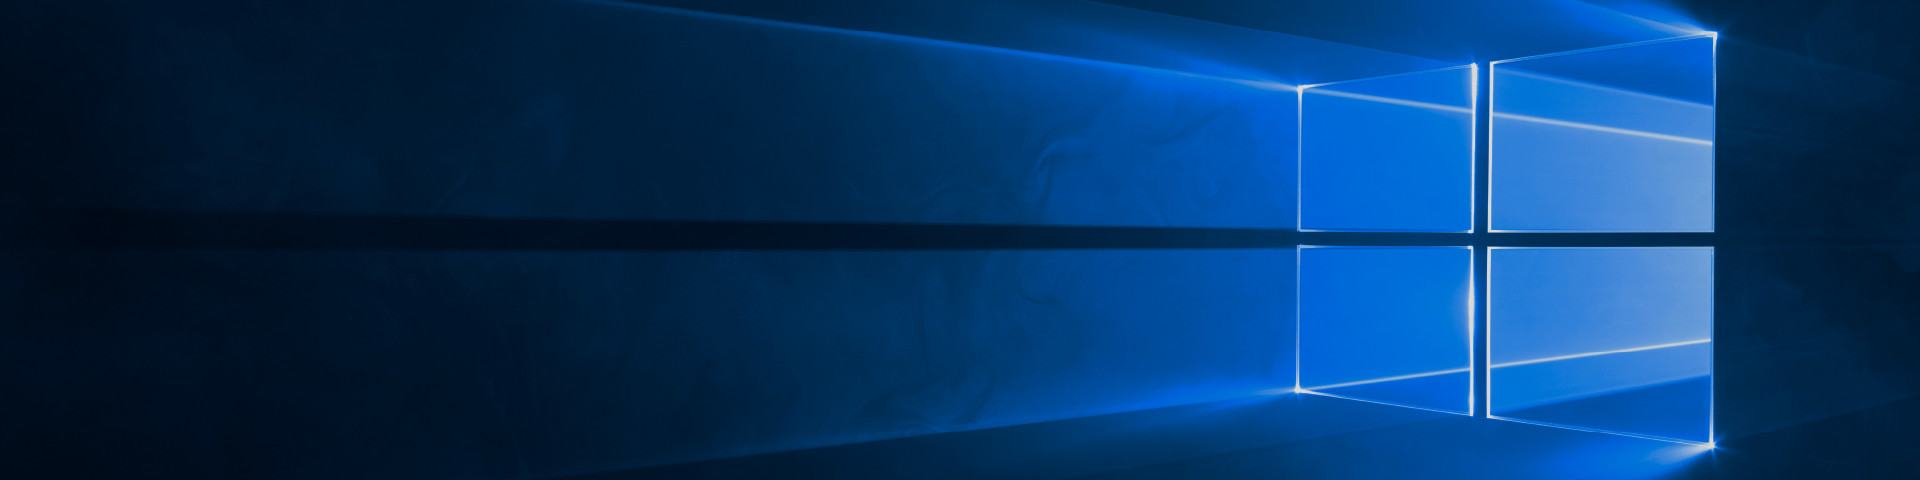 PC, oppgrader til Windows 10